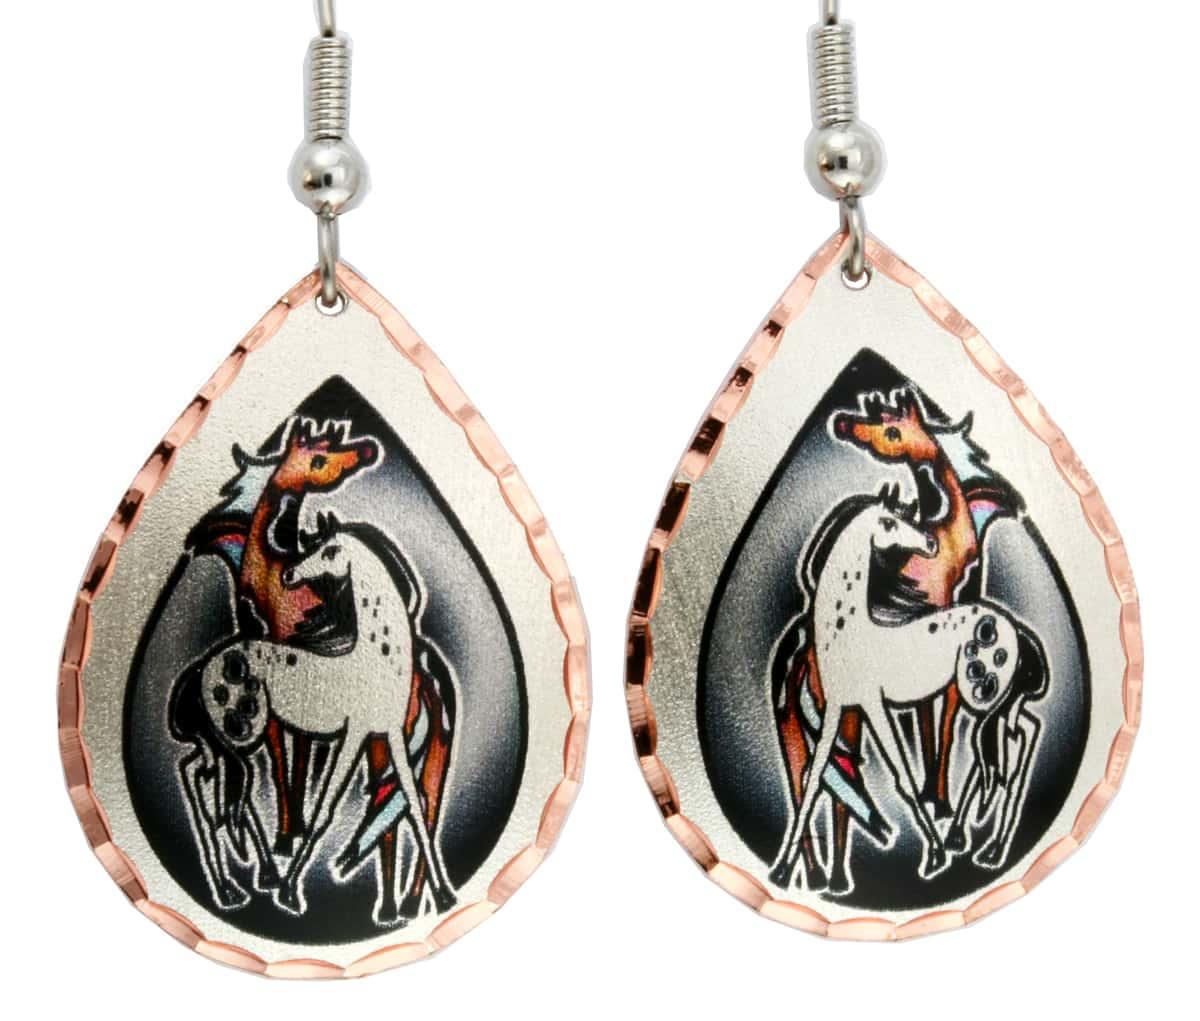 Buy Stylized Horse Earrings Created in Western Style